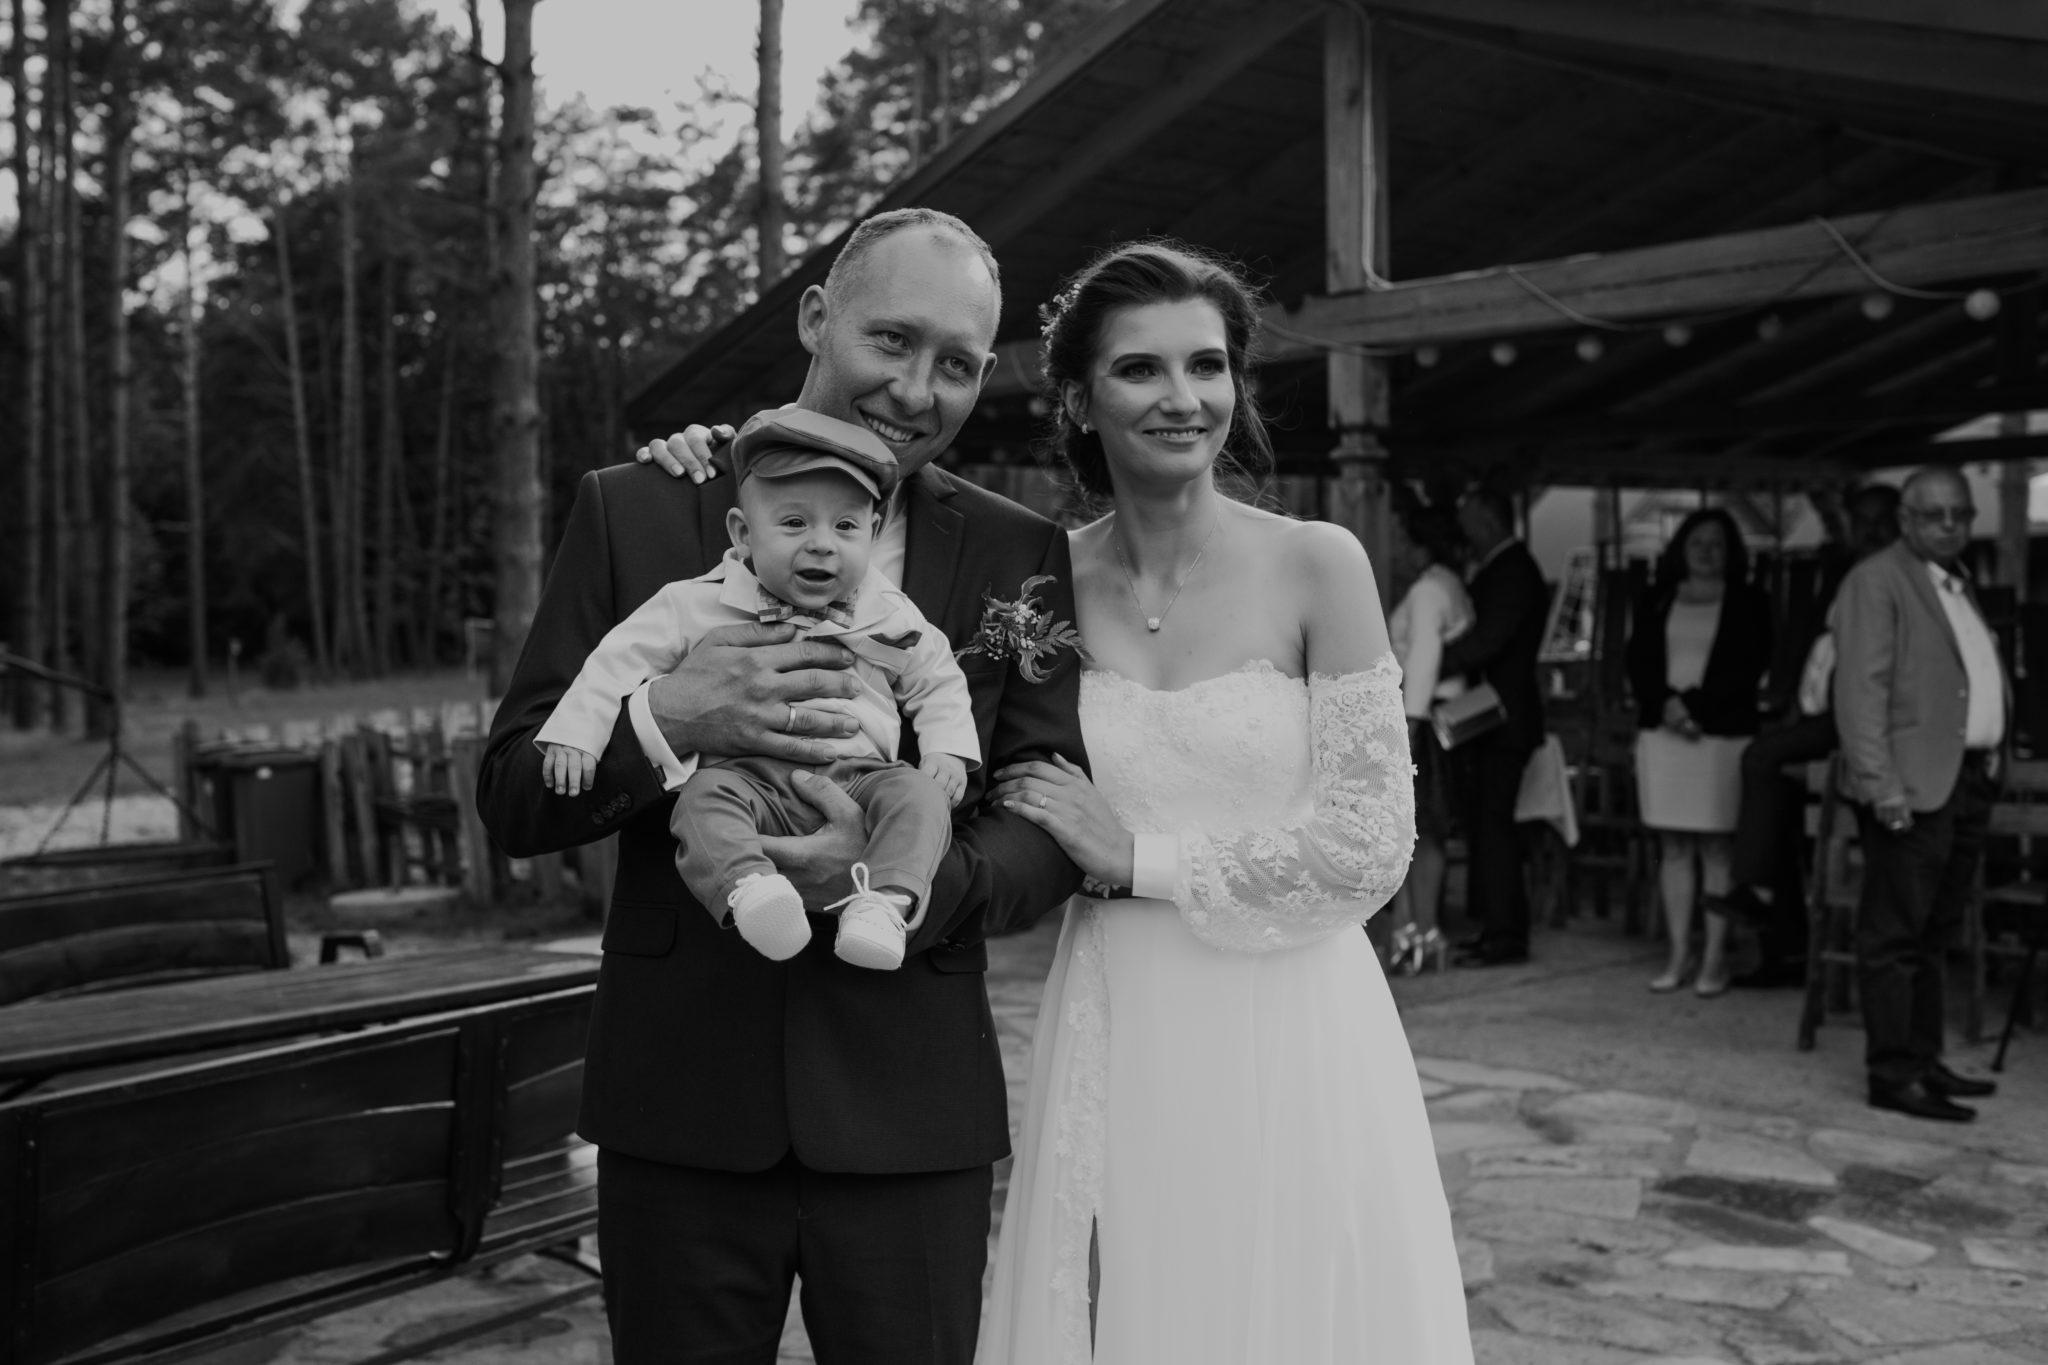 gosia i kuba96 - fotografiagk Fotografia ślubna RK wedding